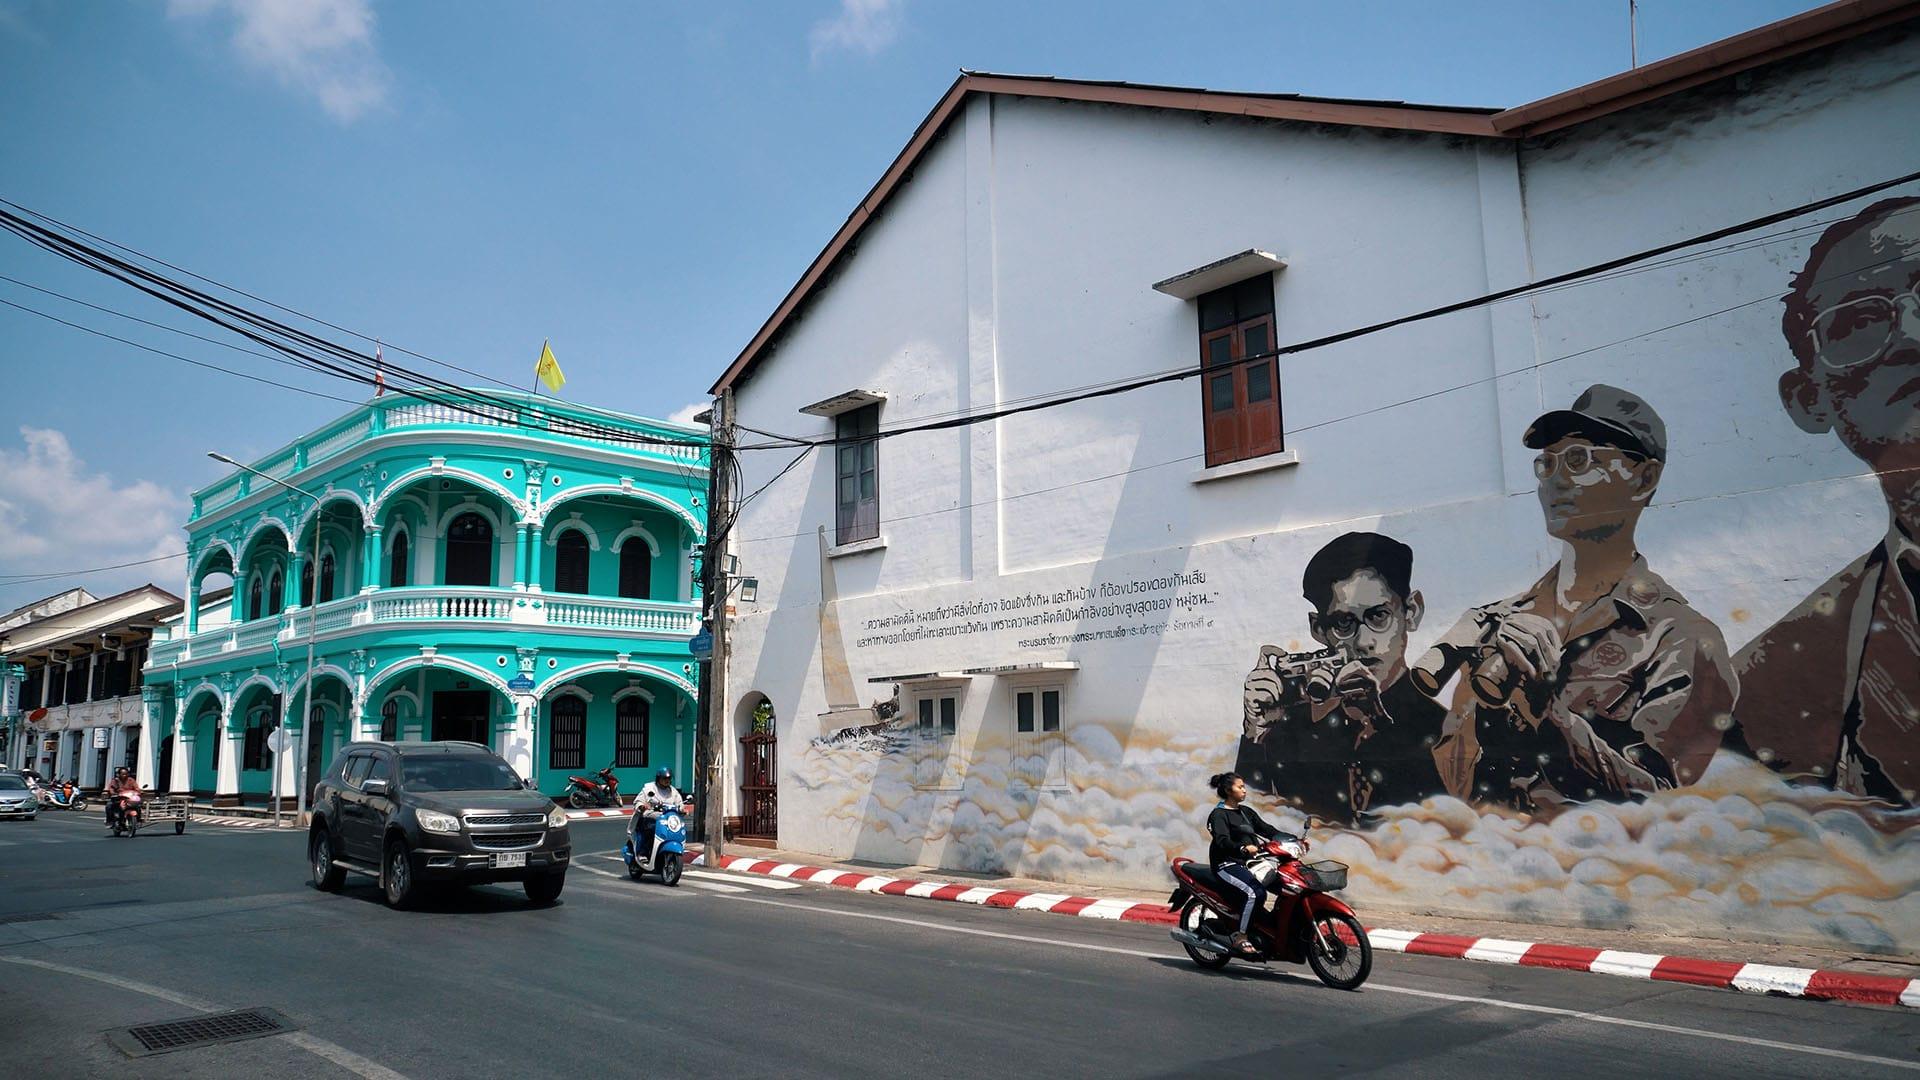 Sehenswürdigkeiten in Phuket Old Town